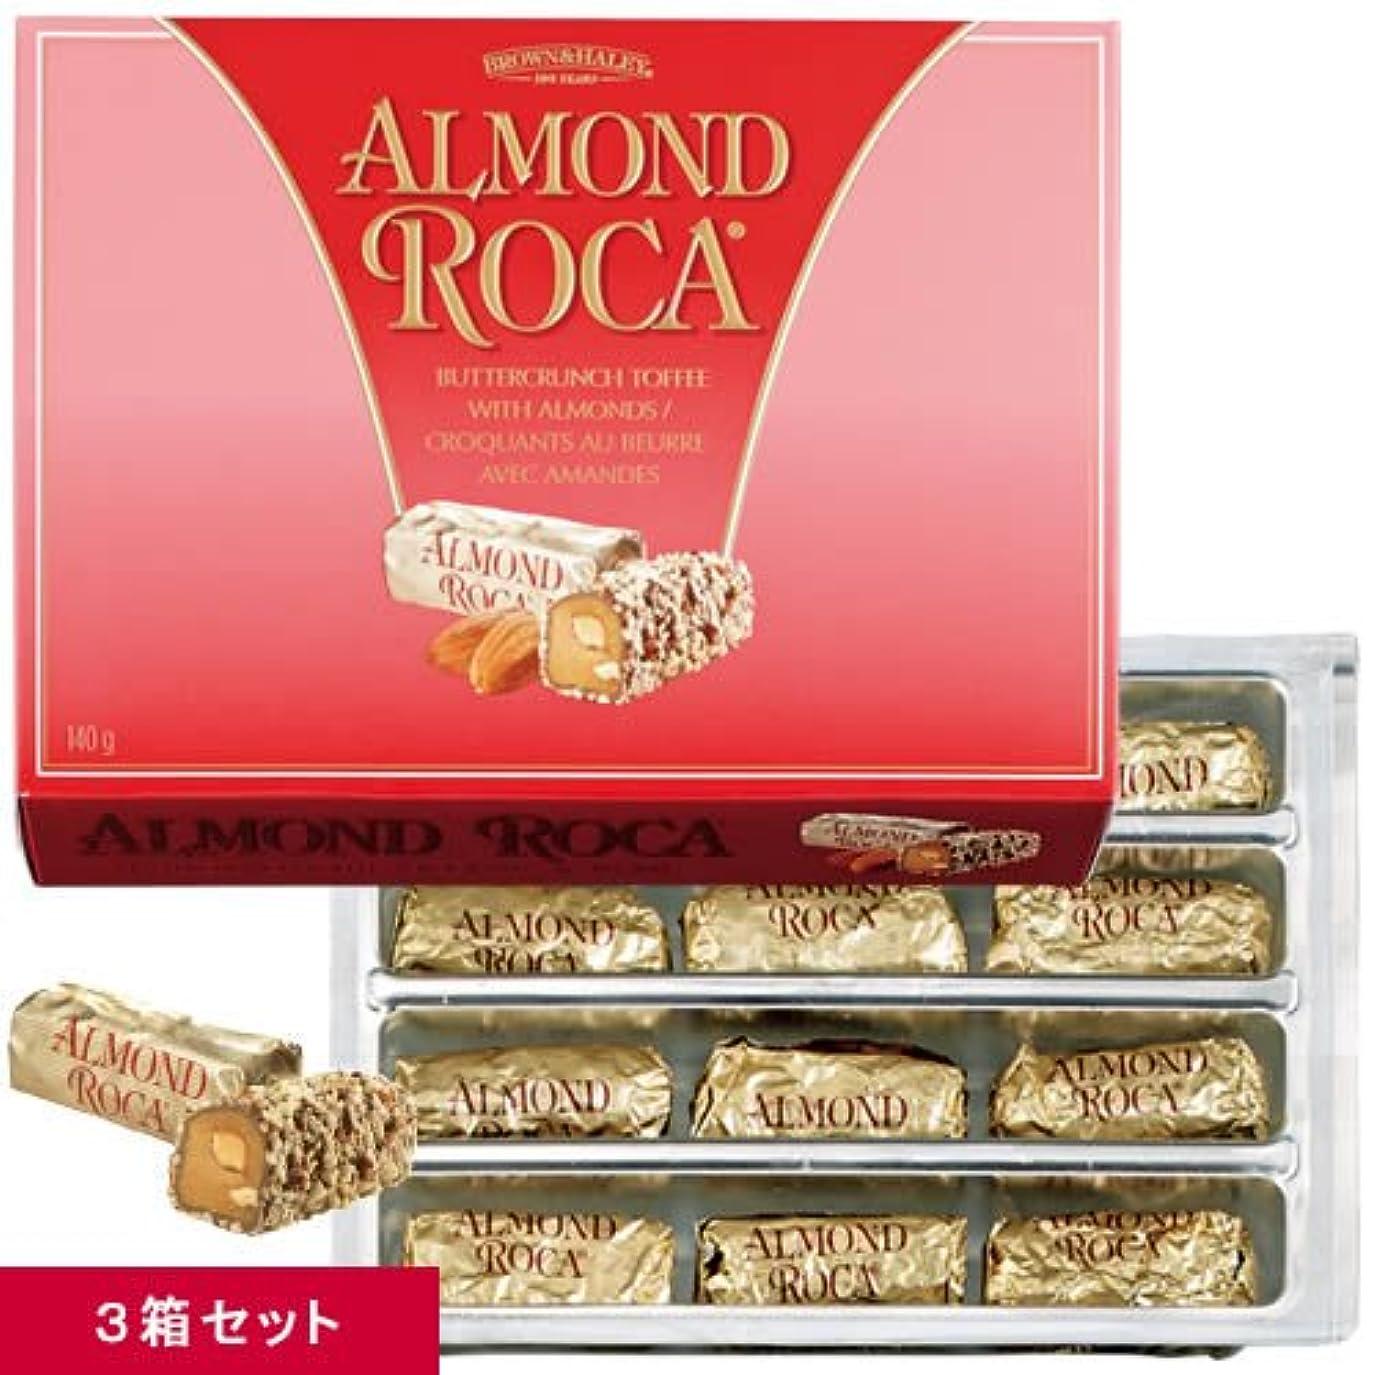 メーター逆日付付き【アメリカ お土産】アーモンドロカ バタークランチ3箱セット(アメリカ チョコレート)